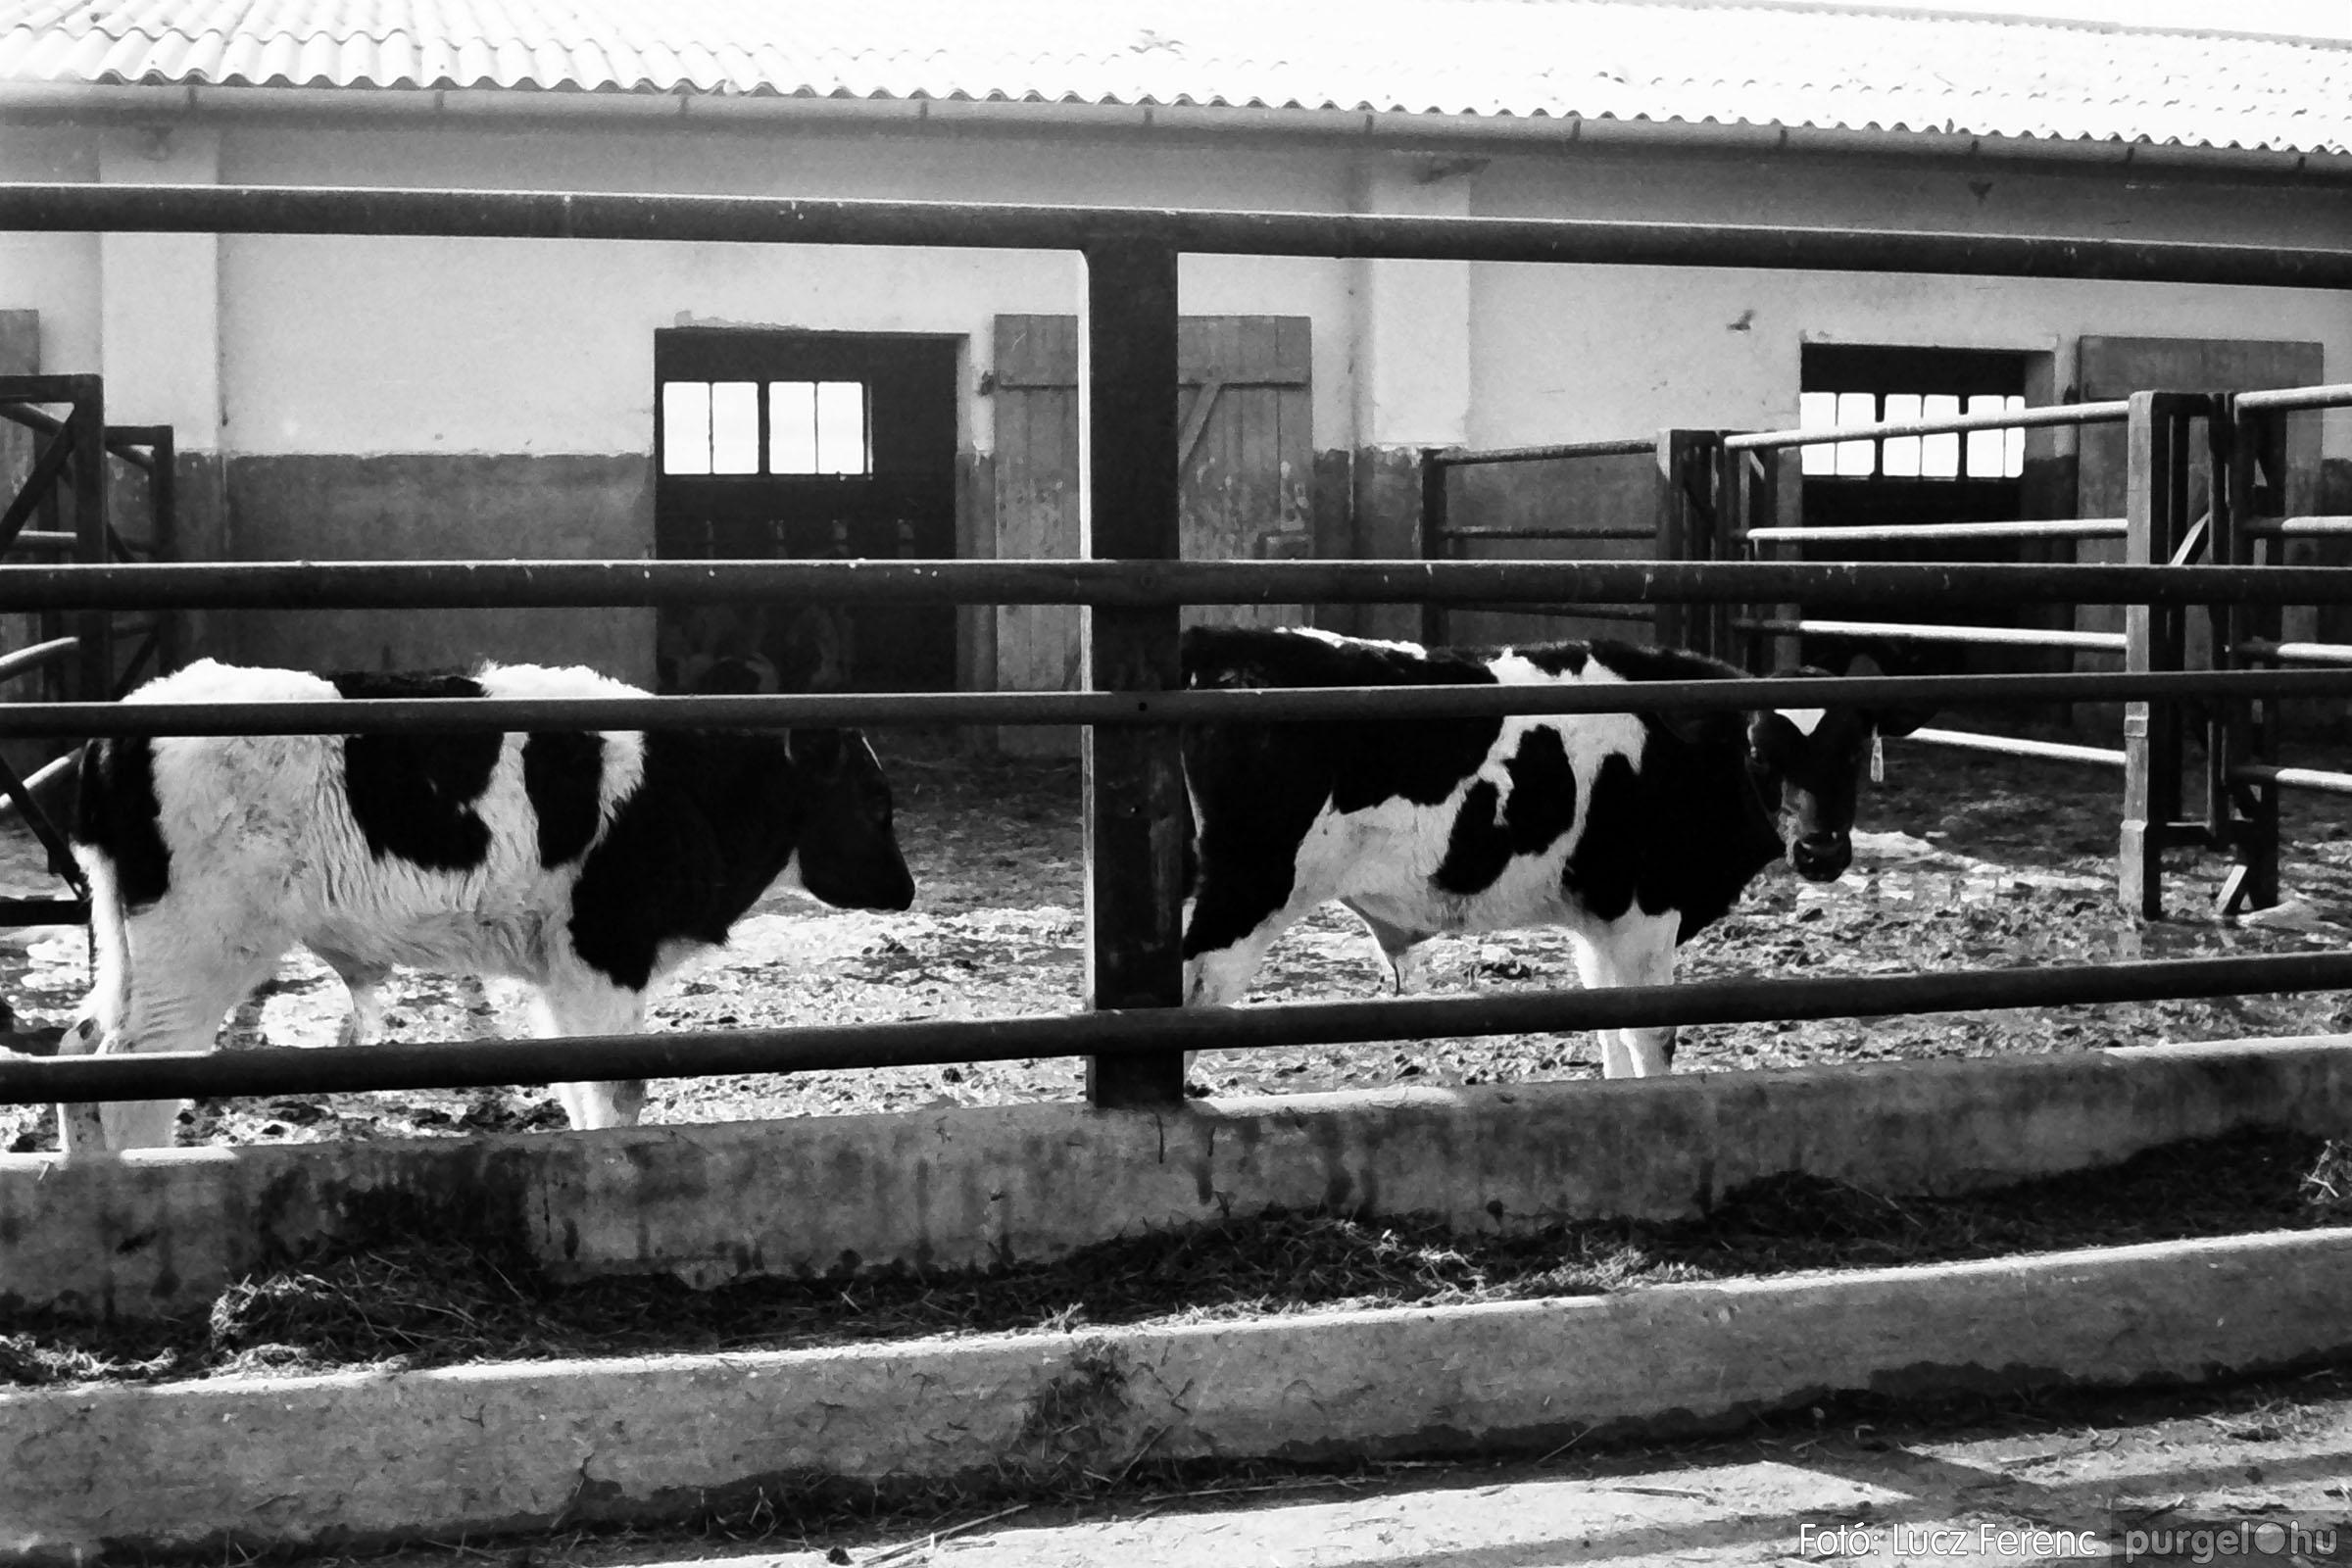 033-034. 1976. Élet a sápi tehenészetben 013 - Fotó: Lucz Ferenc.jpg